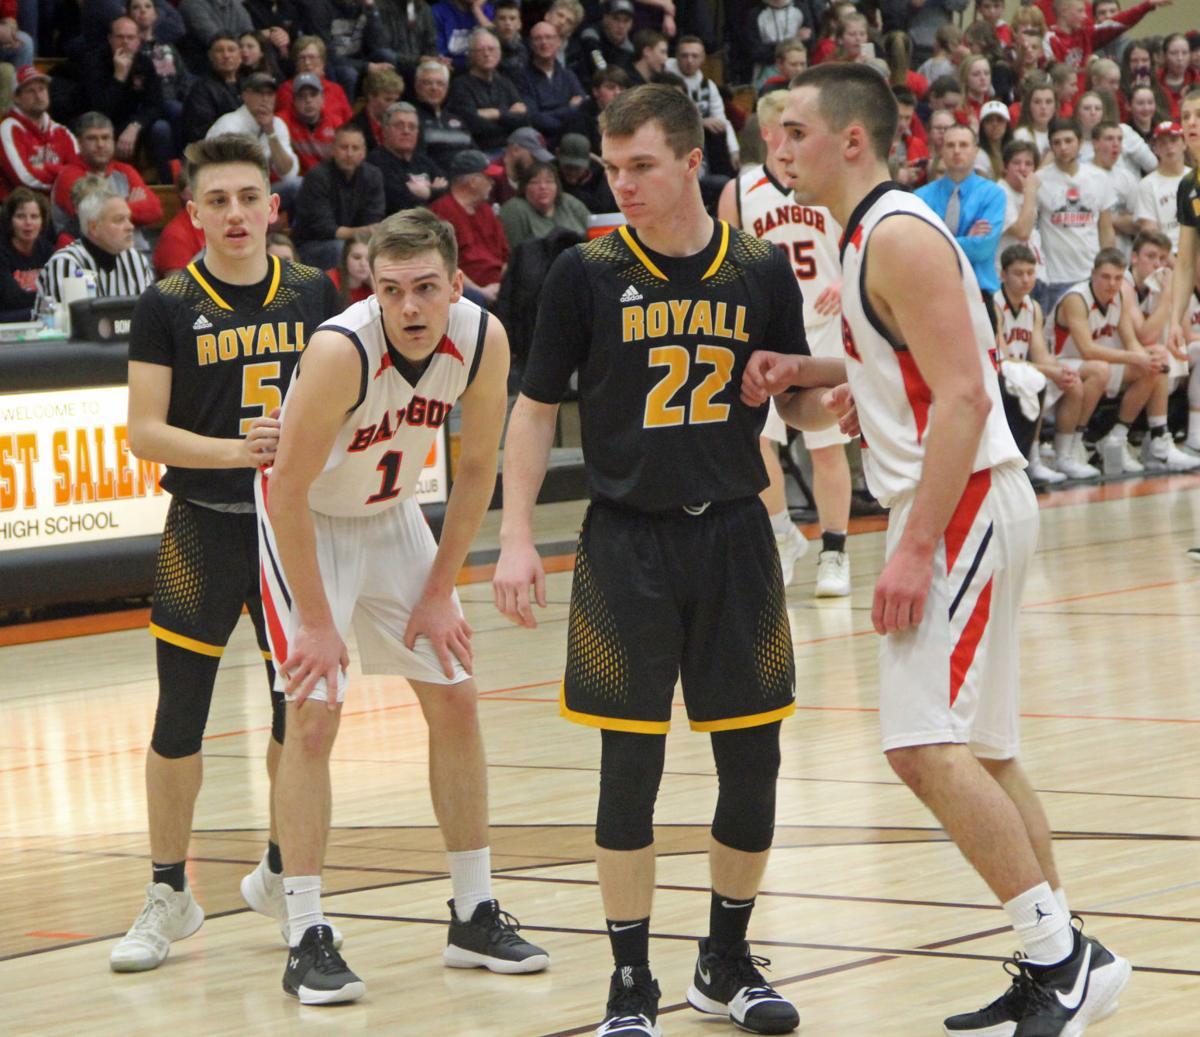 Royall vs. Bangor boys basketball